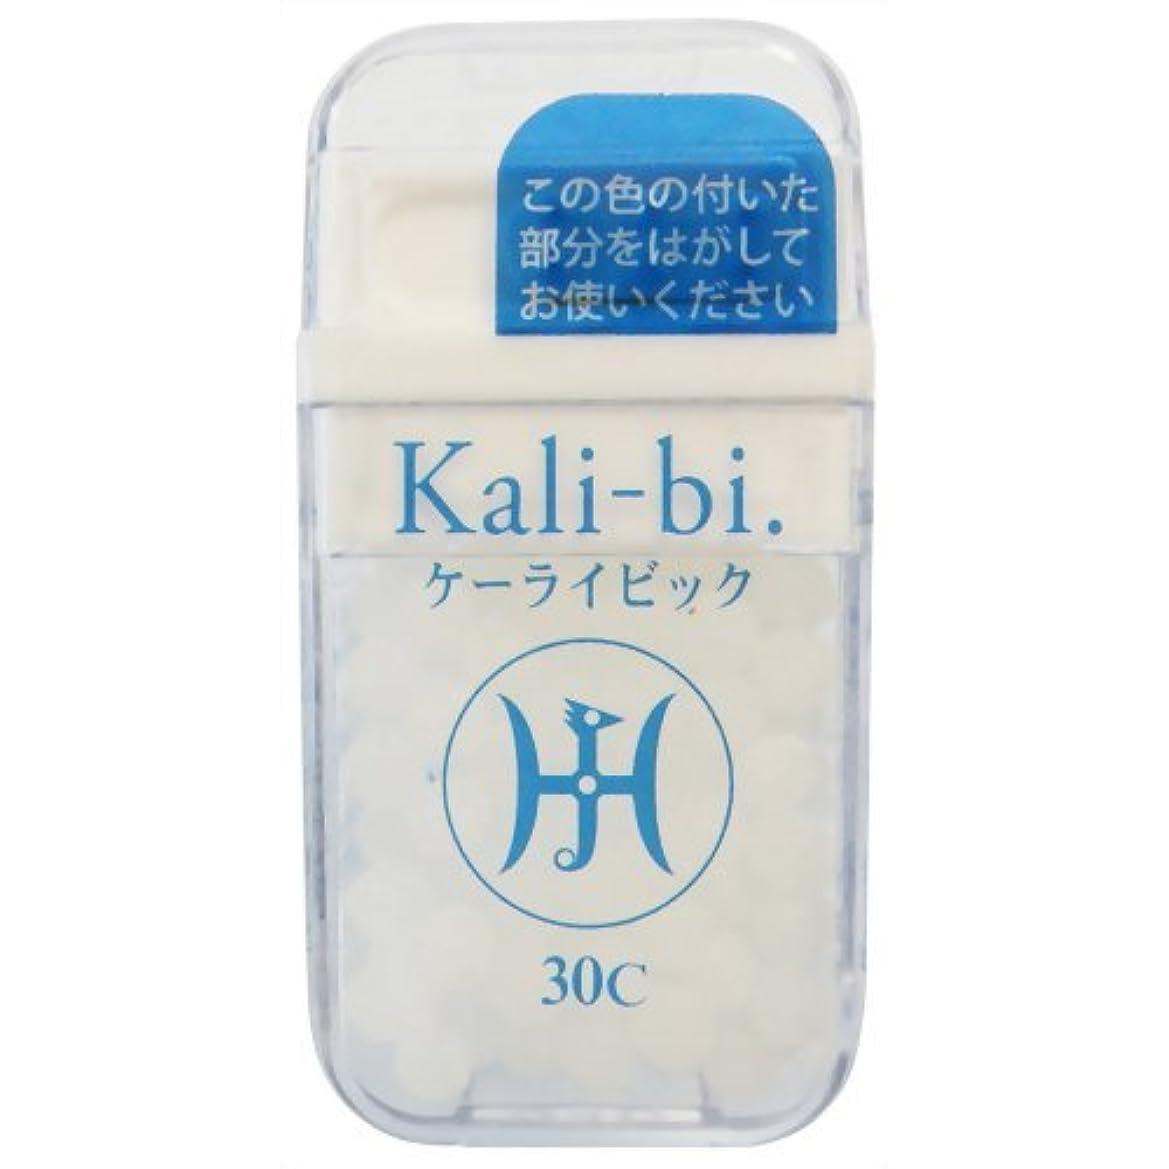 舌合唱団日曜日ホメオパシージャパンレメディー Kali-bi.  ケーライビック 30C (大ビン)